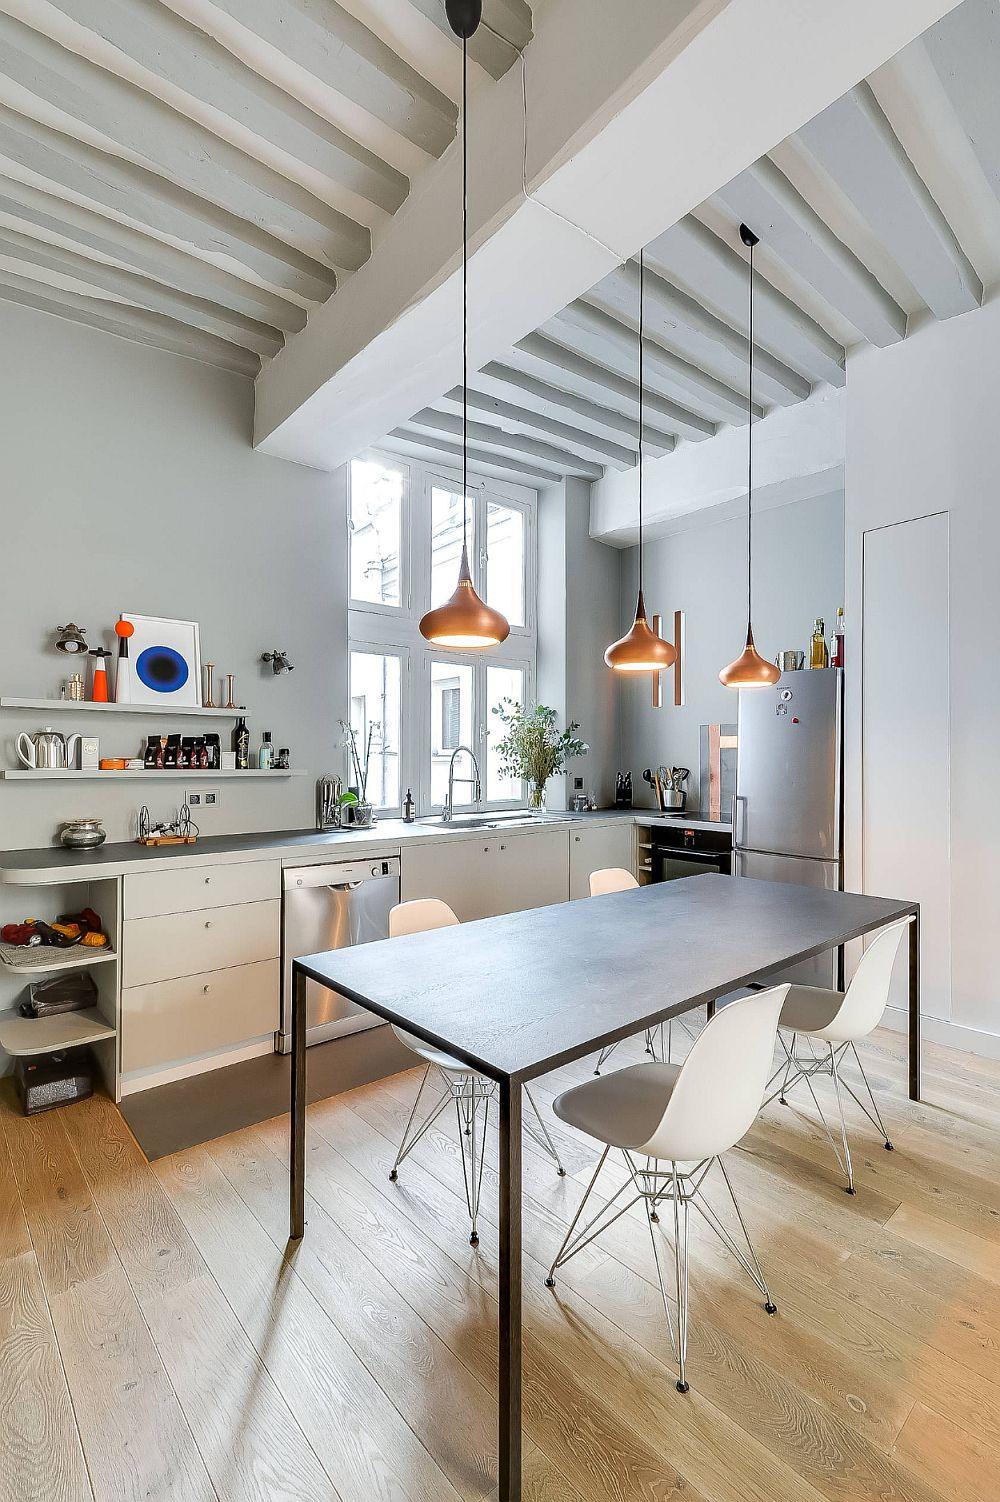 Spațiul lung ți îngust al zonei de zi a fost bine împărțit între bucătărie și living, având între ele ca funcțiune locul de luat masa.